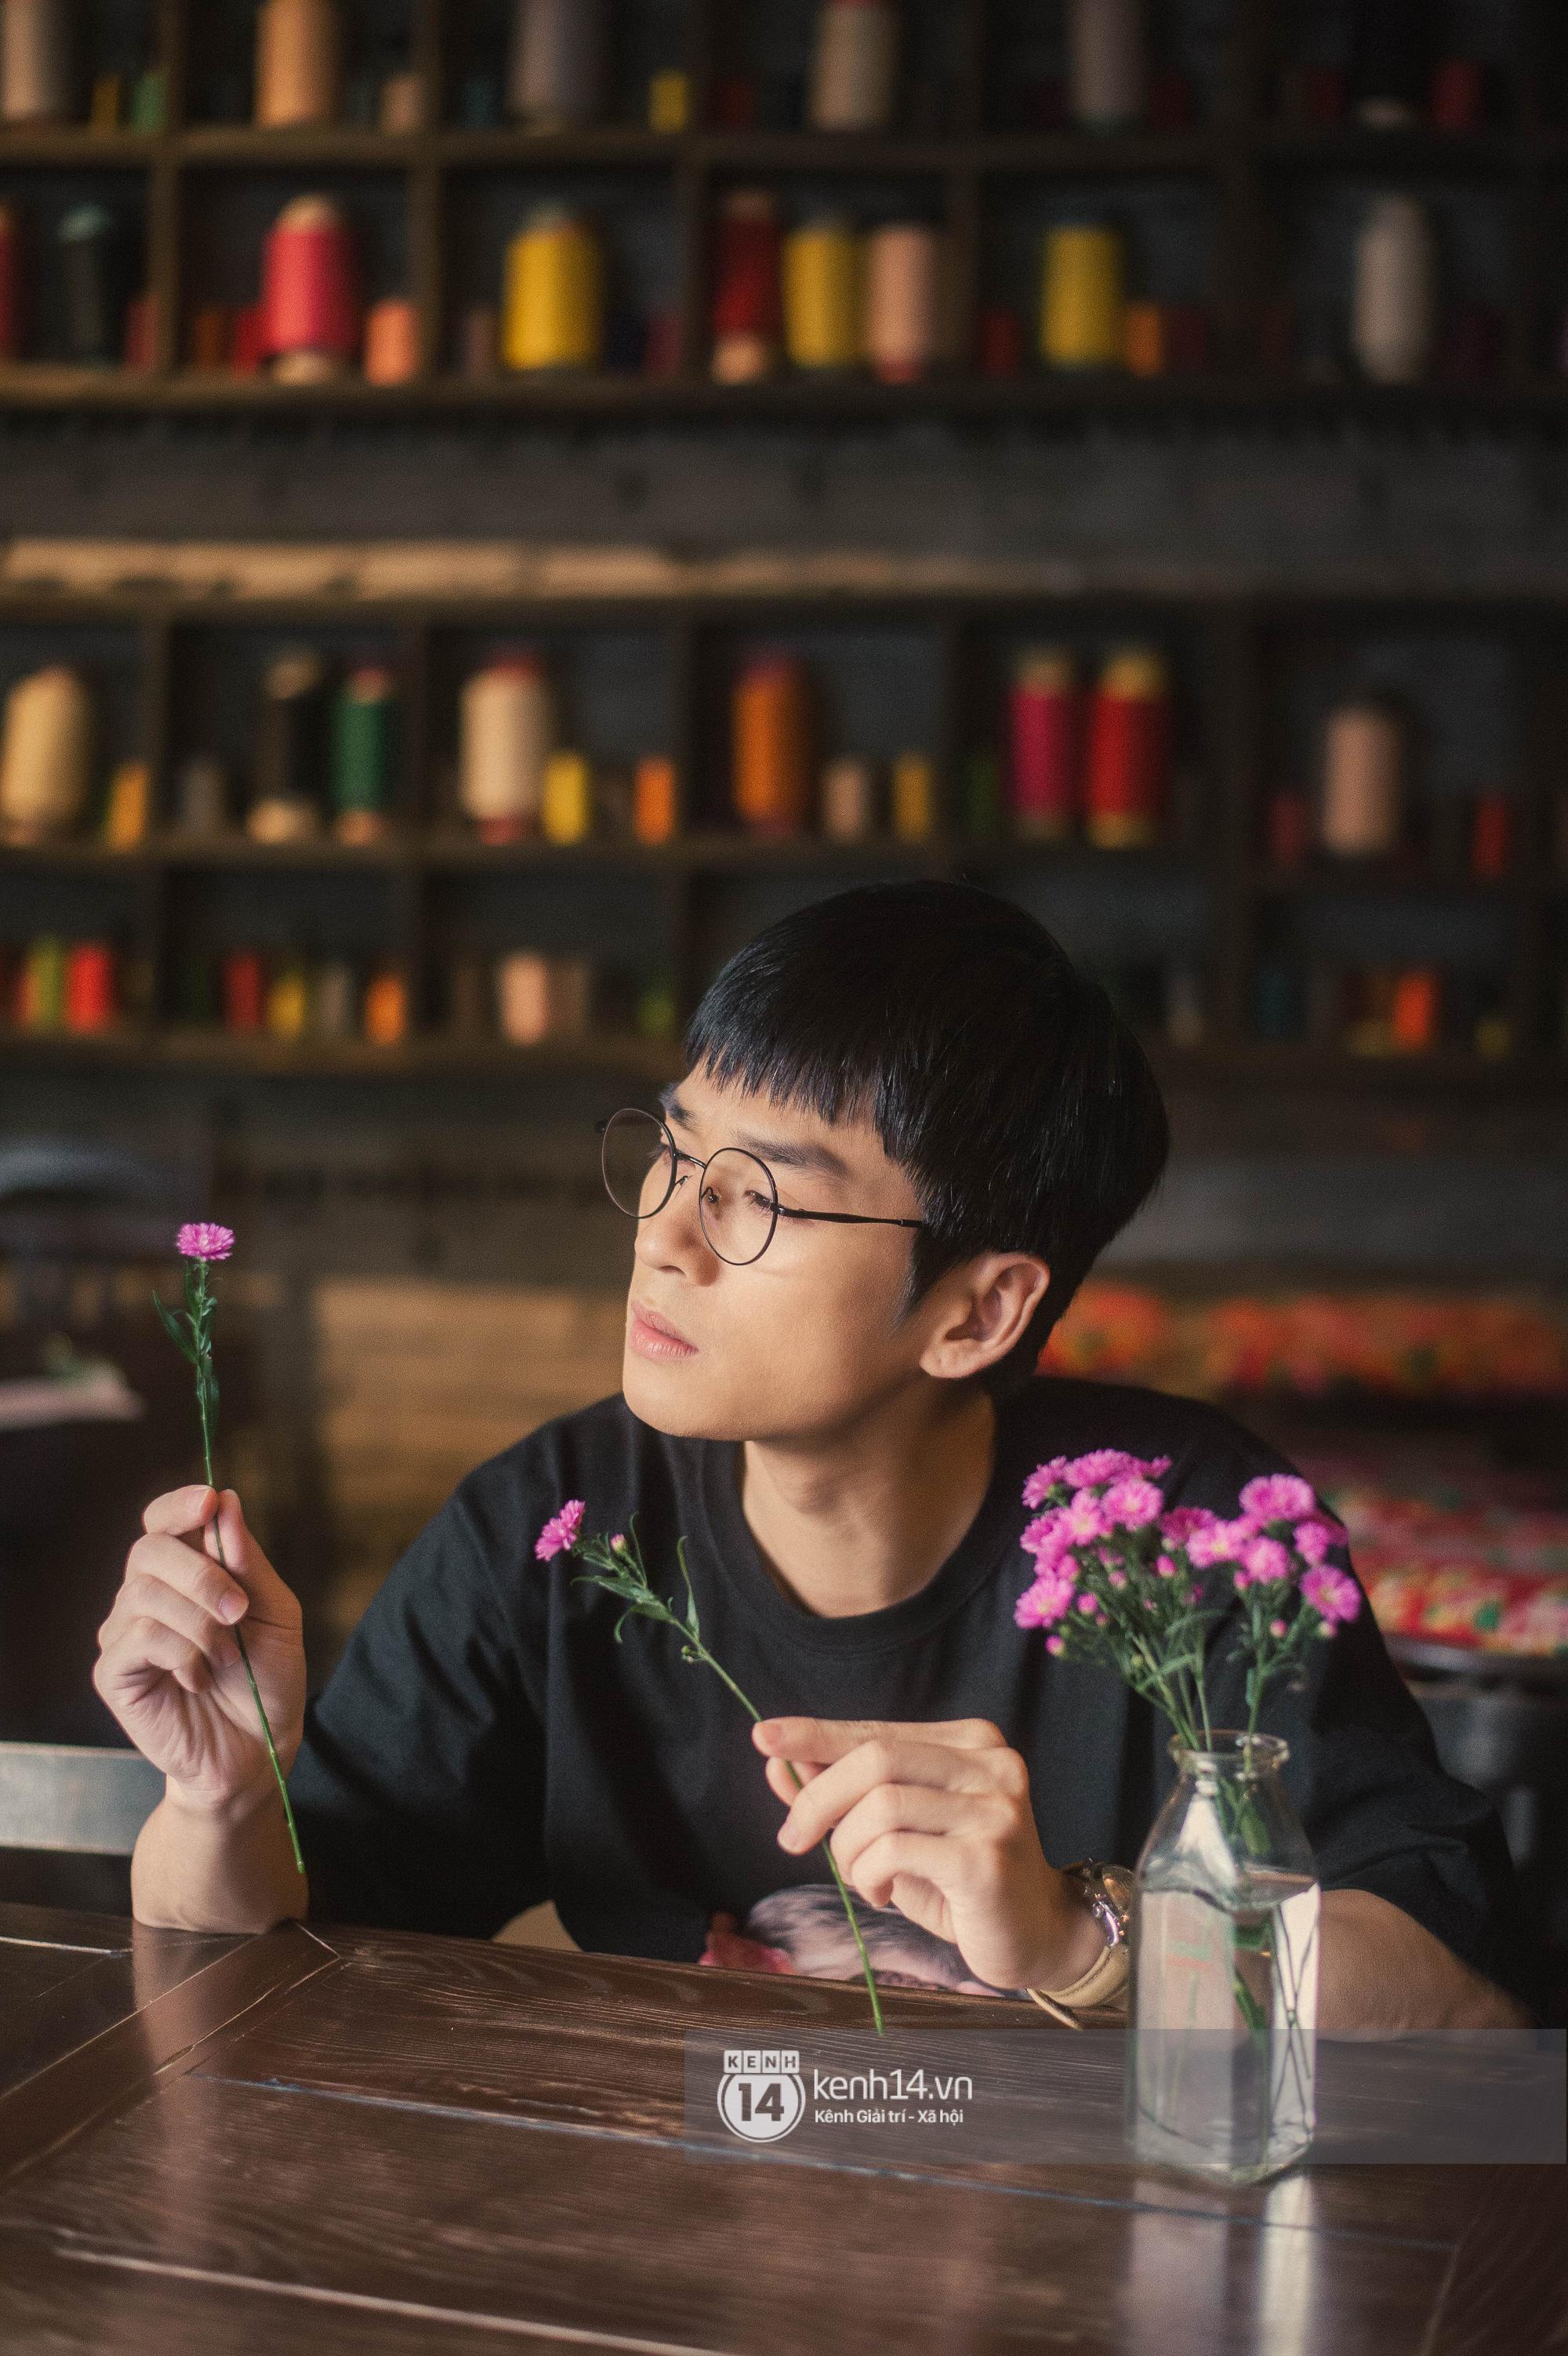 Trần Nghĩa: Sau Mắt Biếc, tôi trưởng thành hơn nhưng vẫn là chàng trai nghèo nhất showbiz Việt đấy! - Ảnh 8.